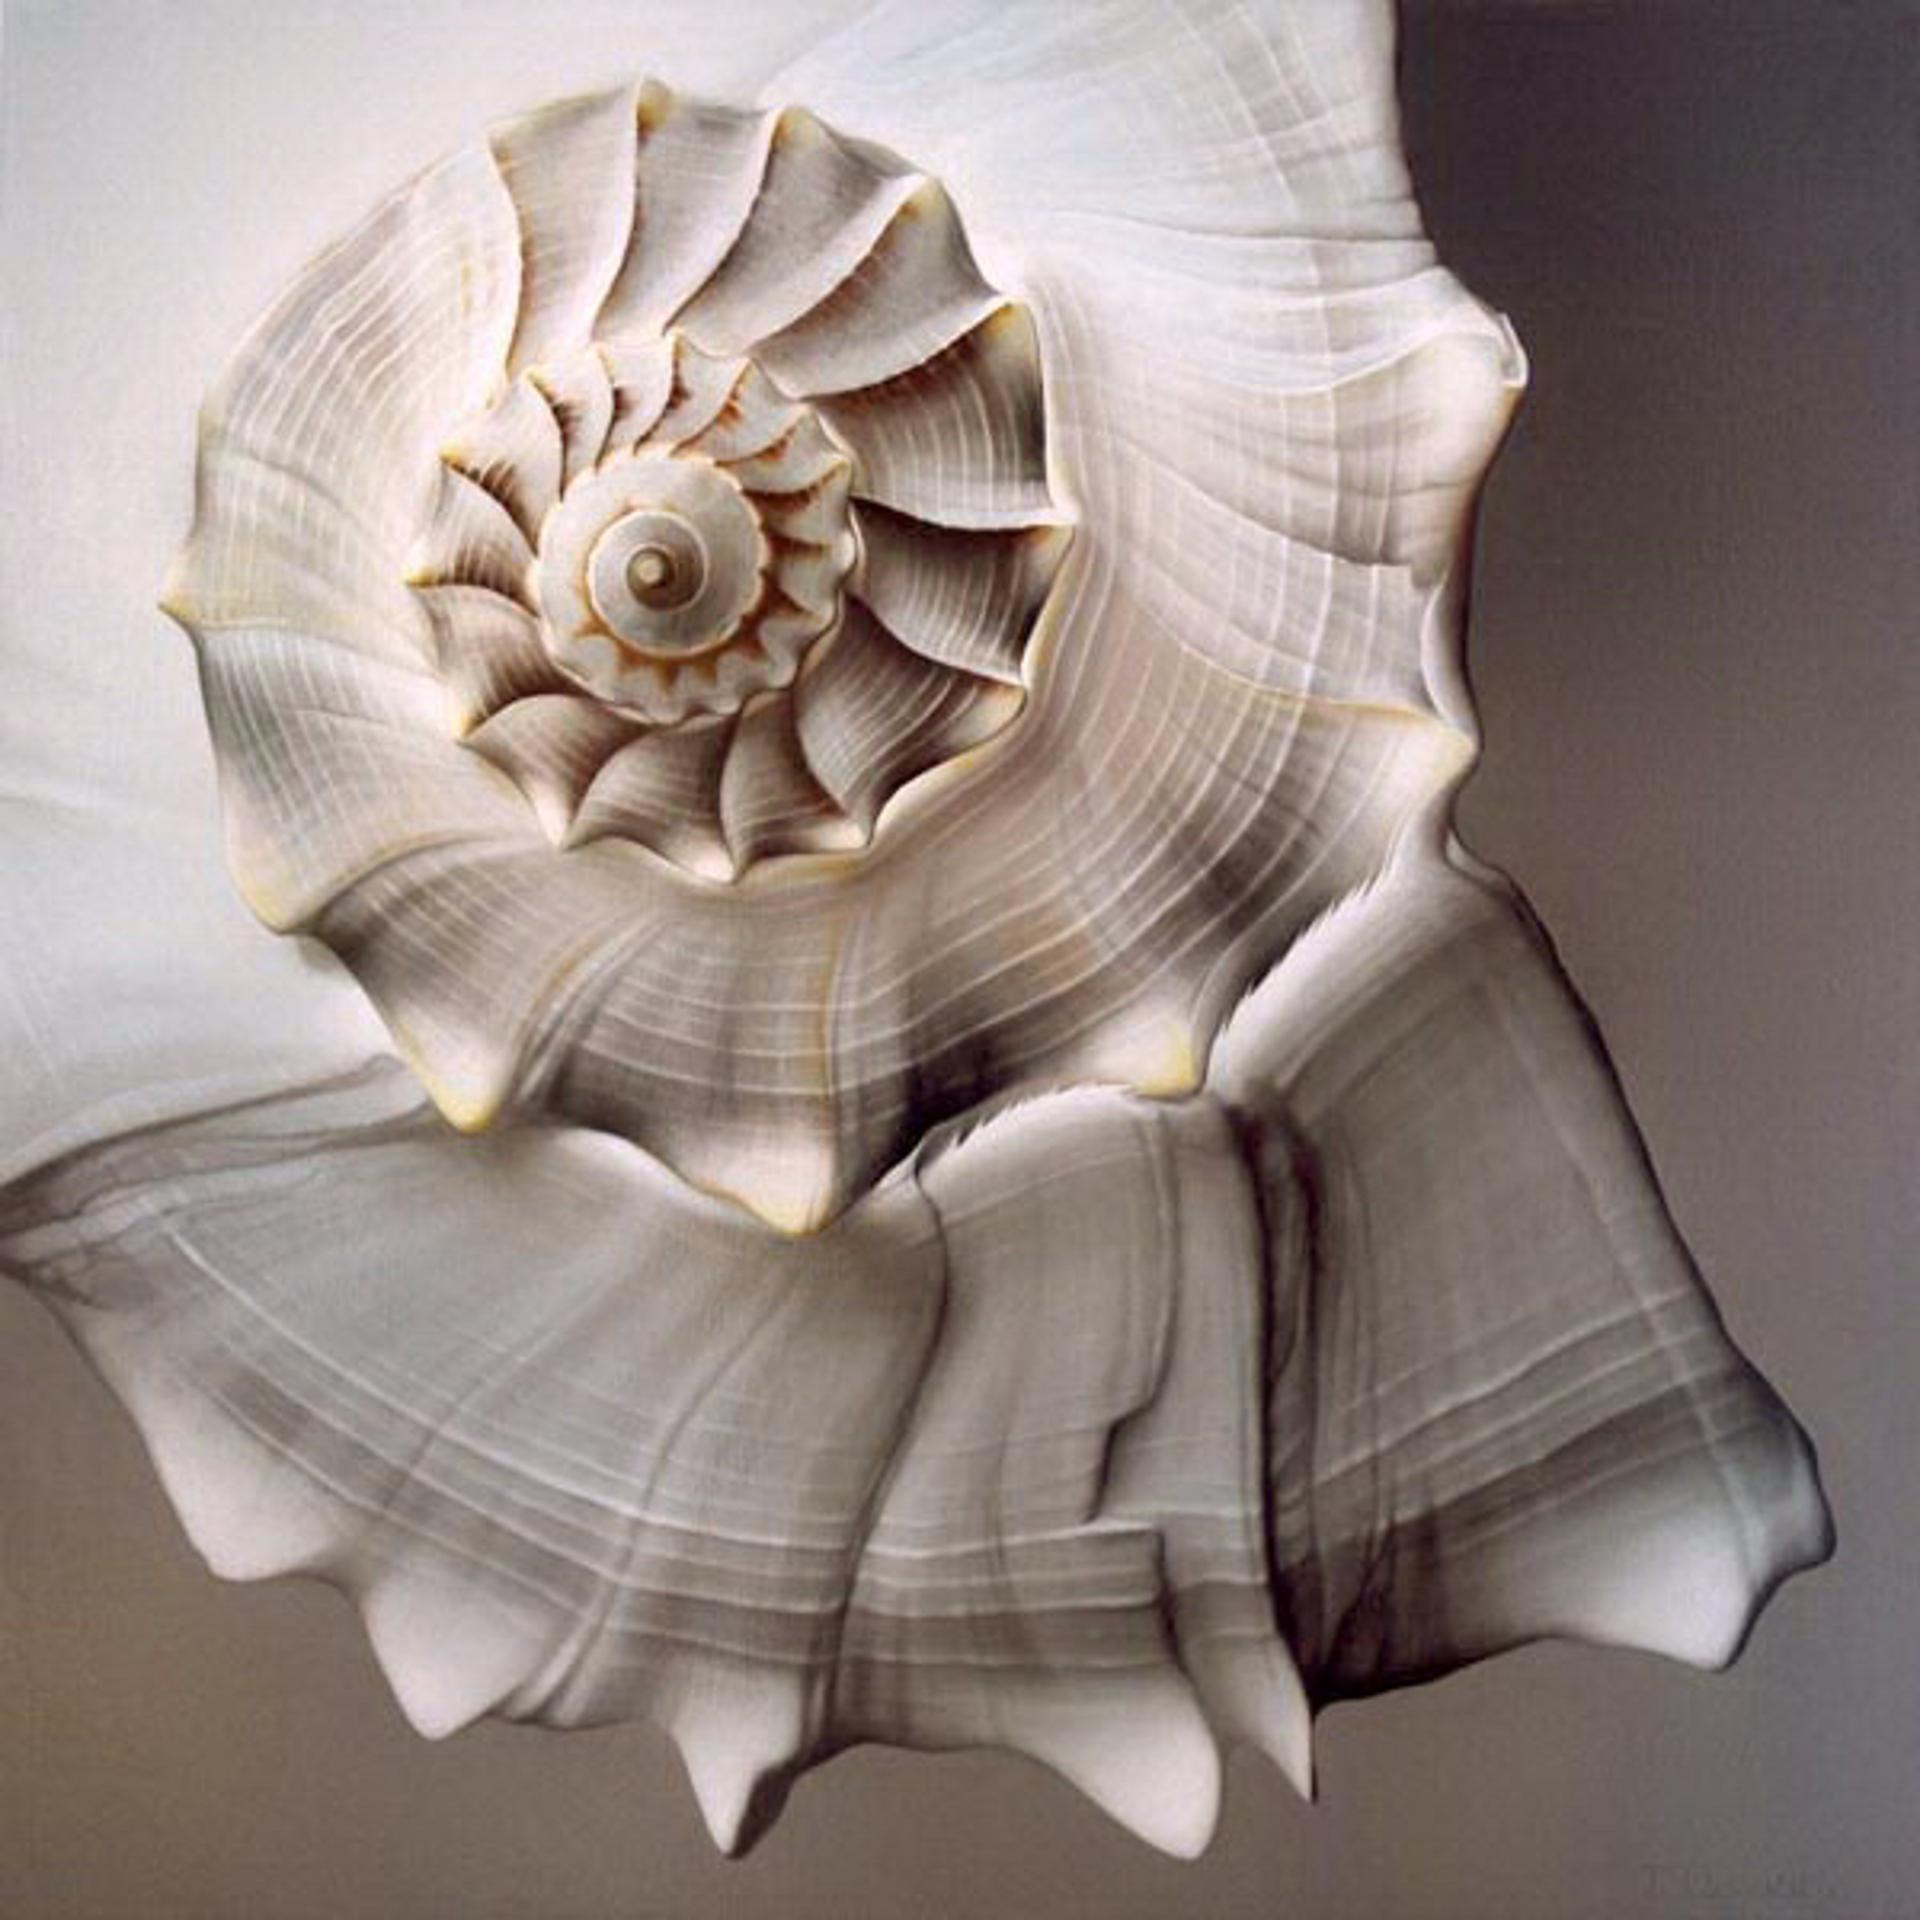 Lightening Whelk by Tatyana Klevenskiy